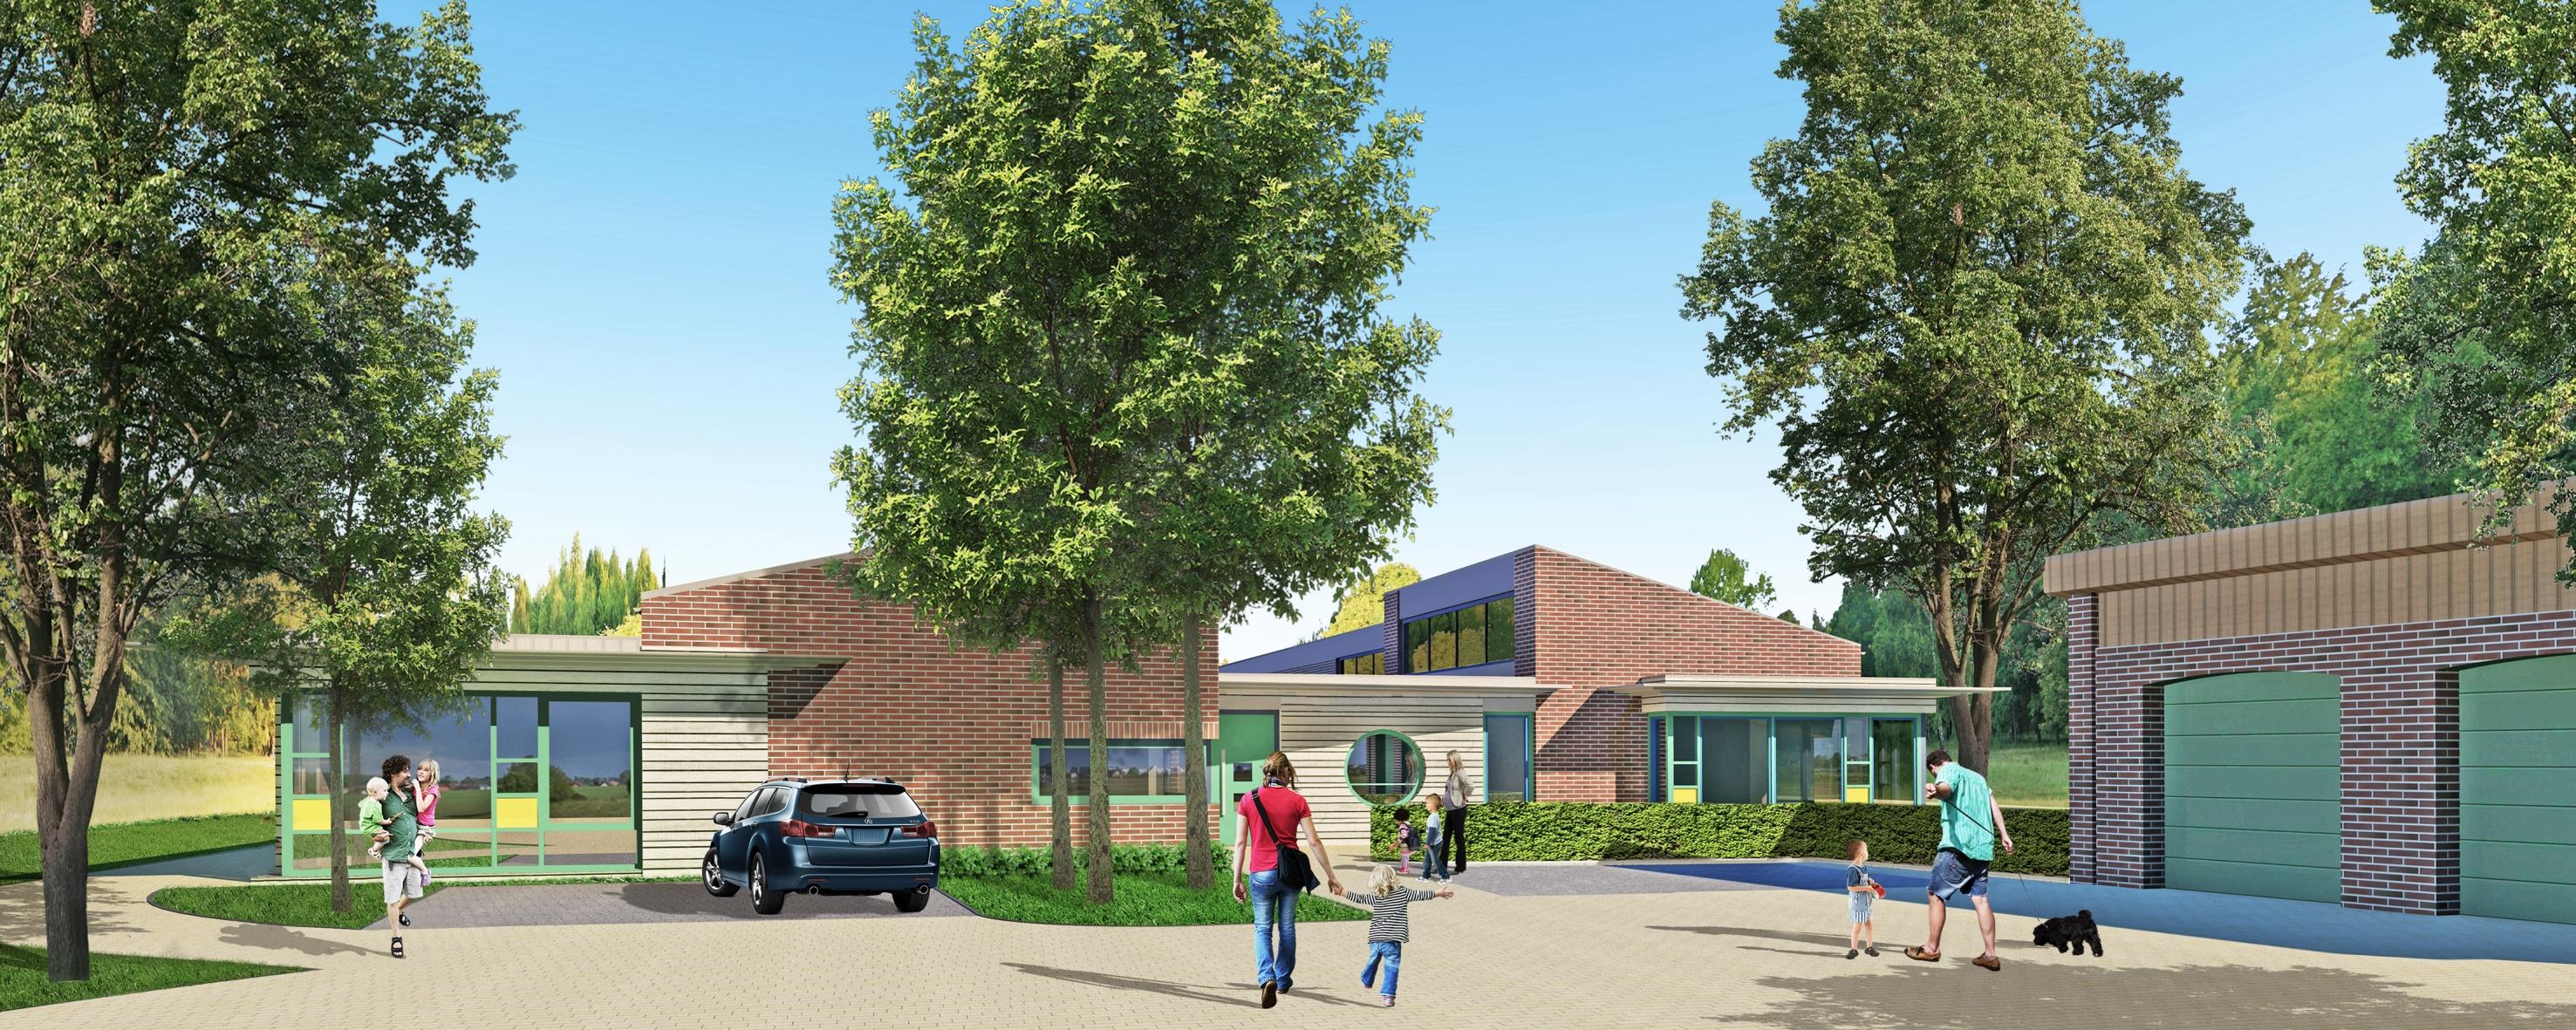 Kindergarten - Perspektive_01.jpg